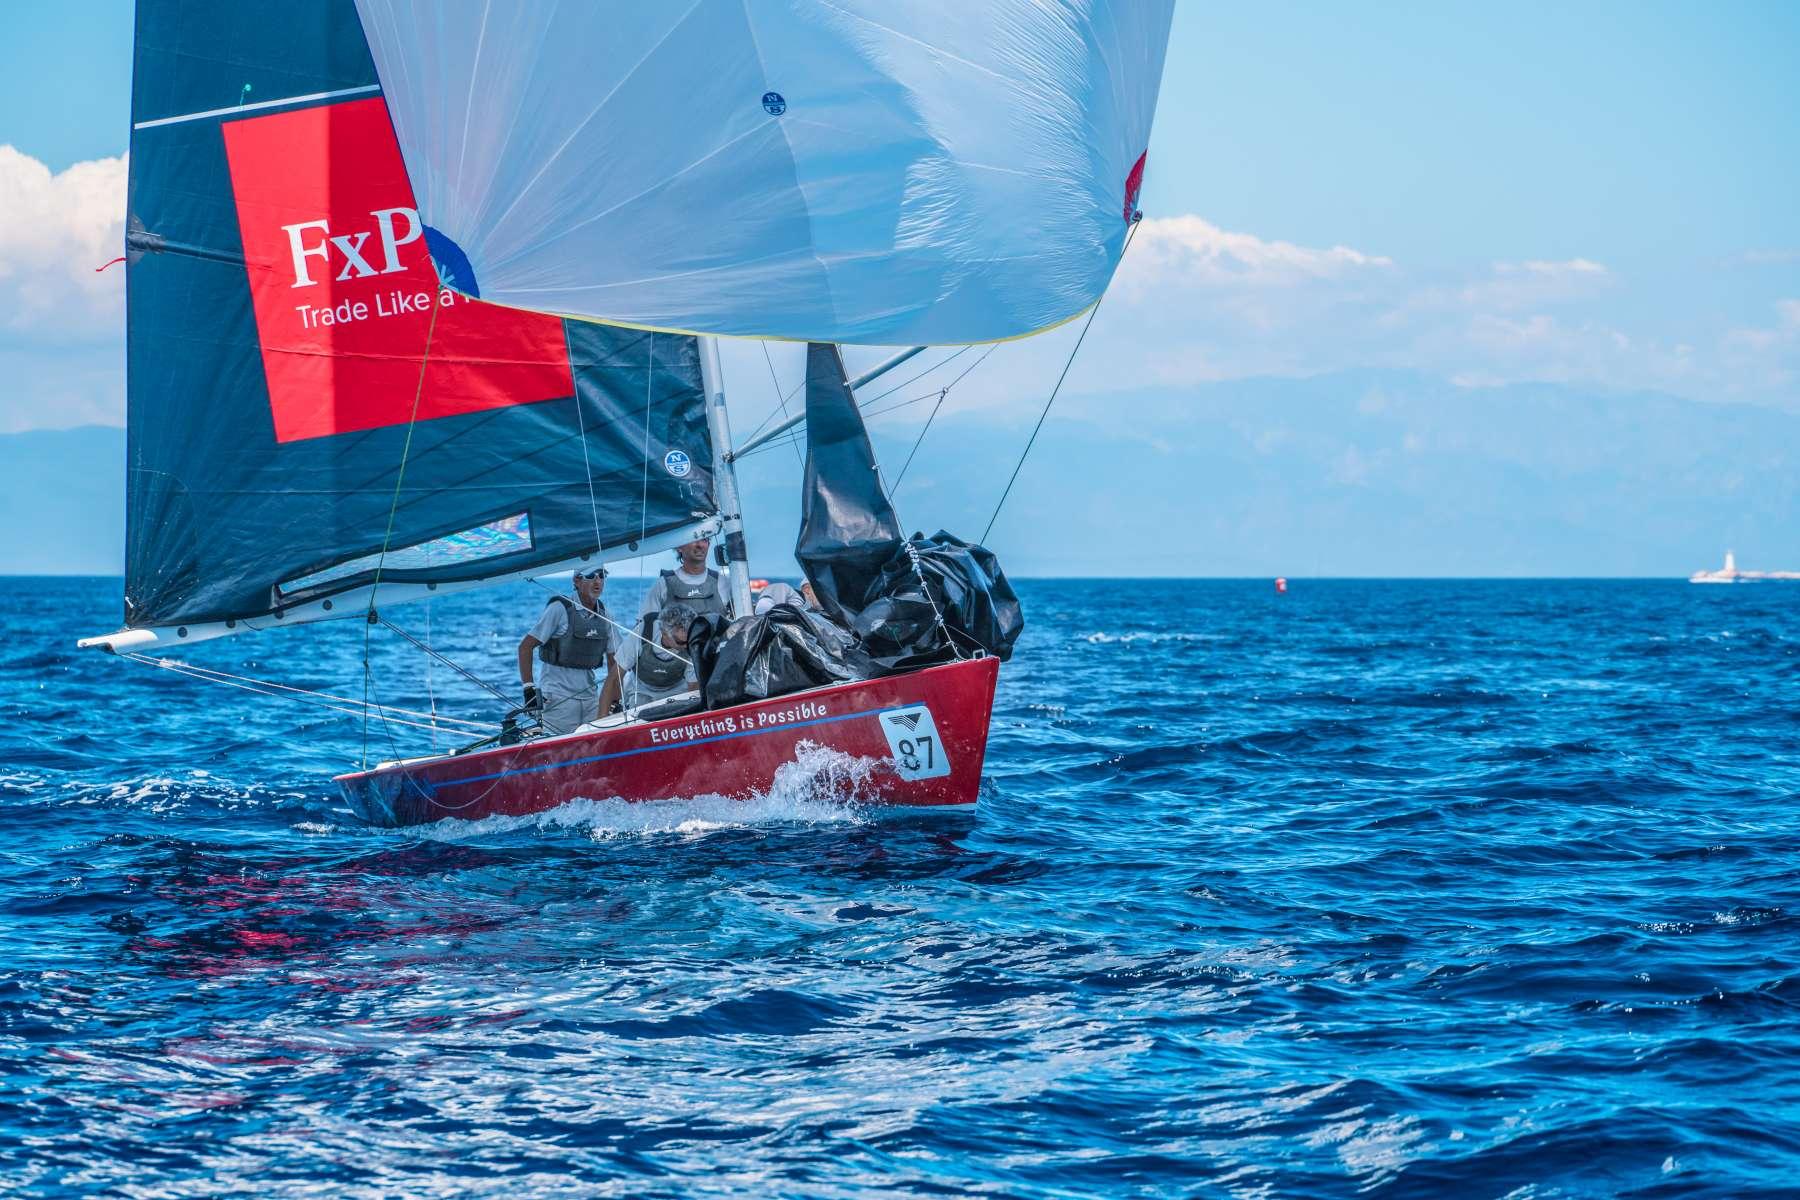 Coppa Europa Smeralda 888, trionfa il team di Beda - NEWS - Yacht Club Costa Smeralda